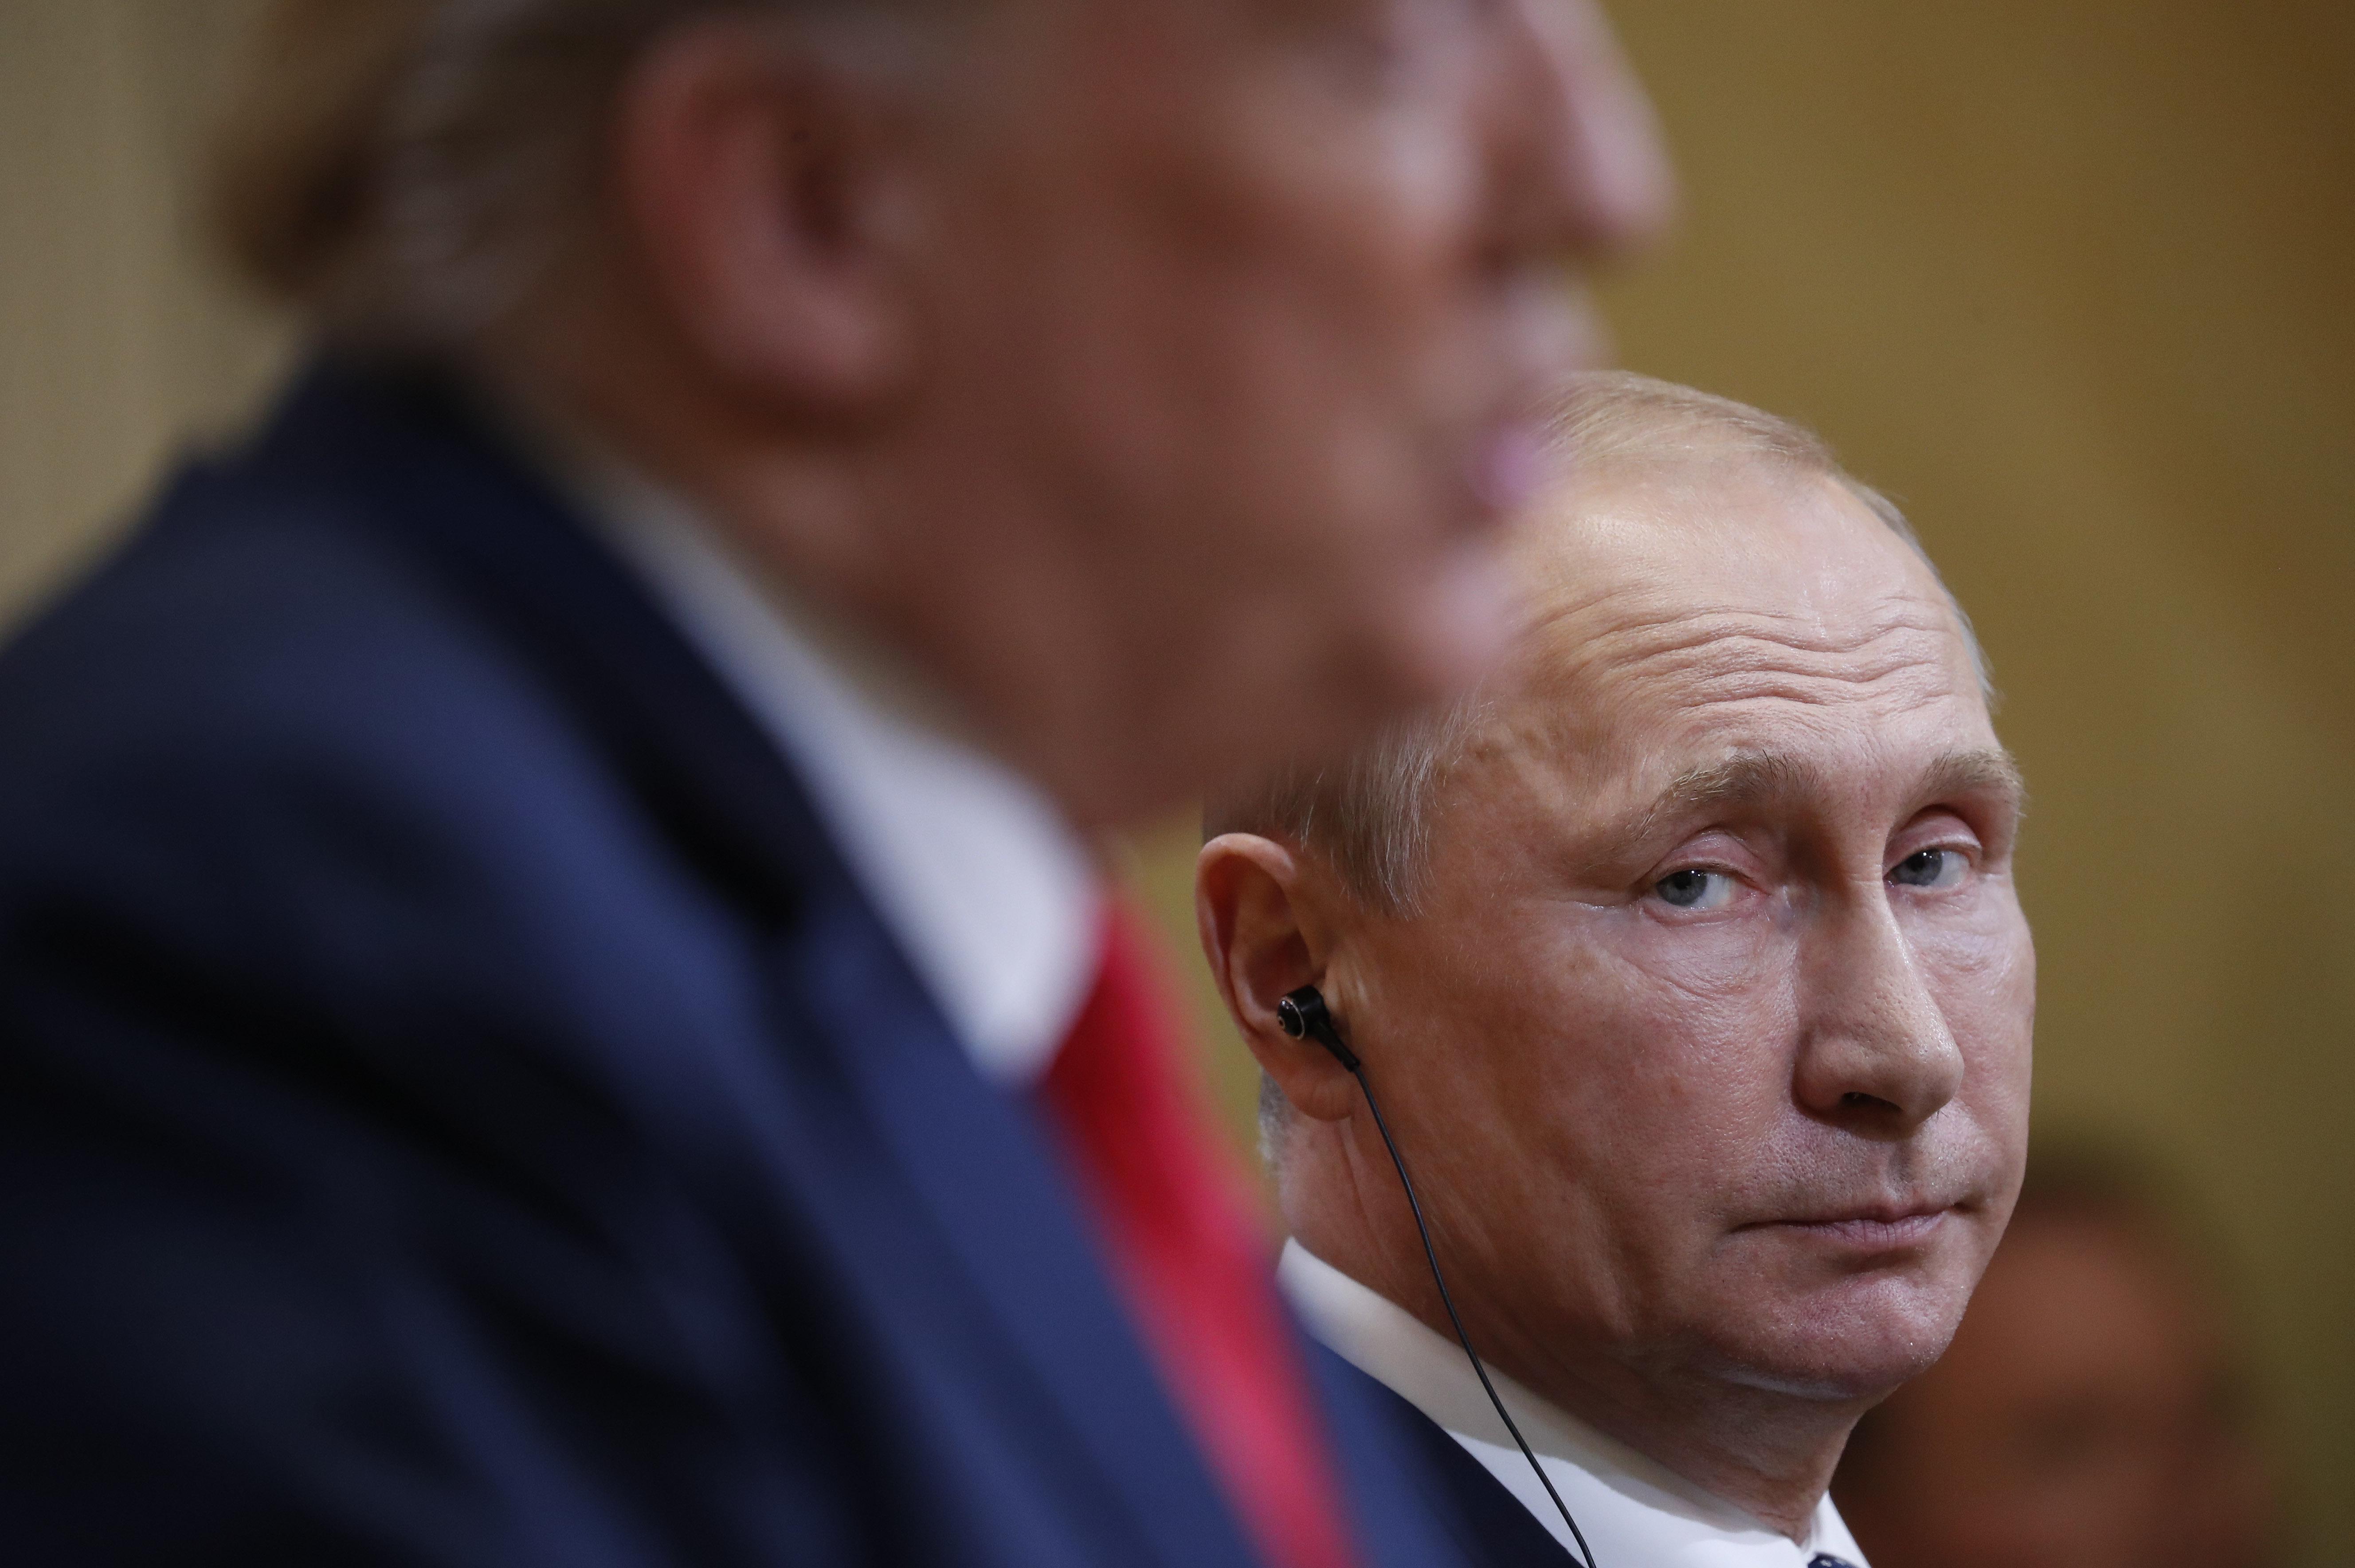 Nem vagyok oroszpárti, mondta Trump a Foxnak, de Putyint kérdésre se volt hajlandó bírálni